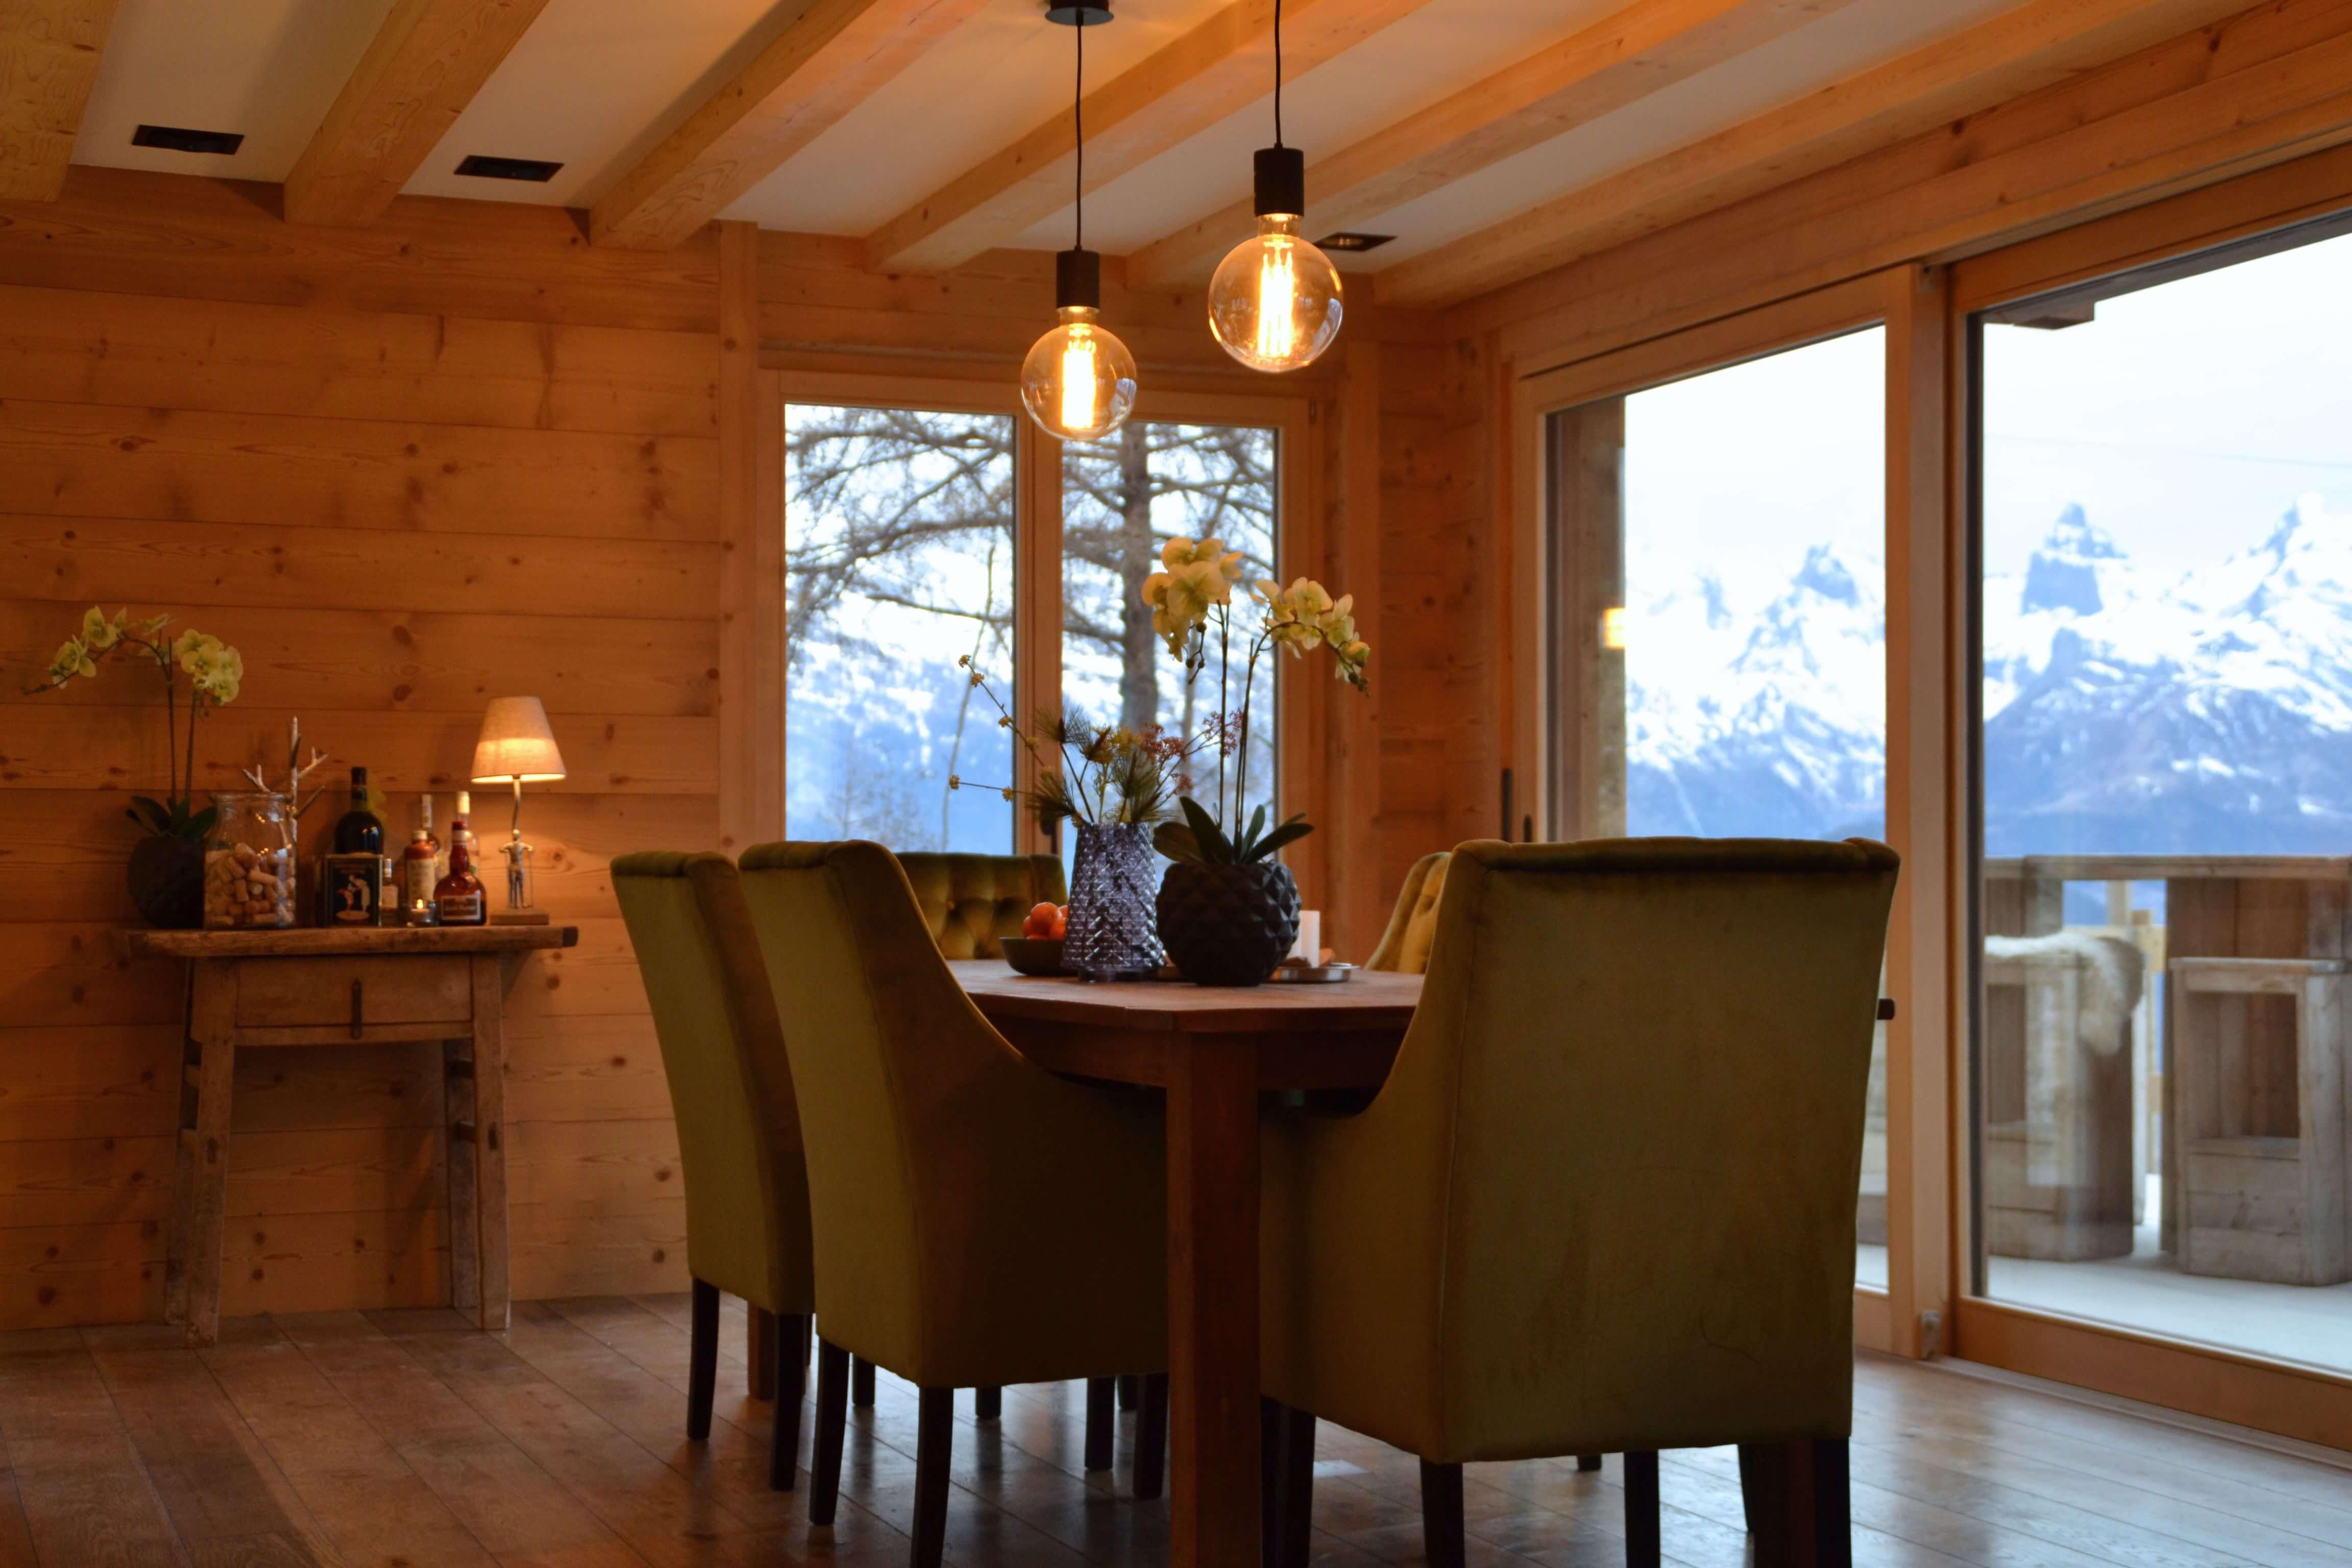 Chalet in de zwitserse bergen indra sripal